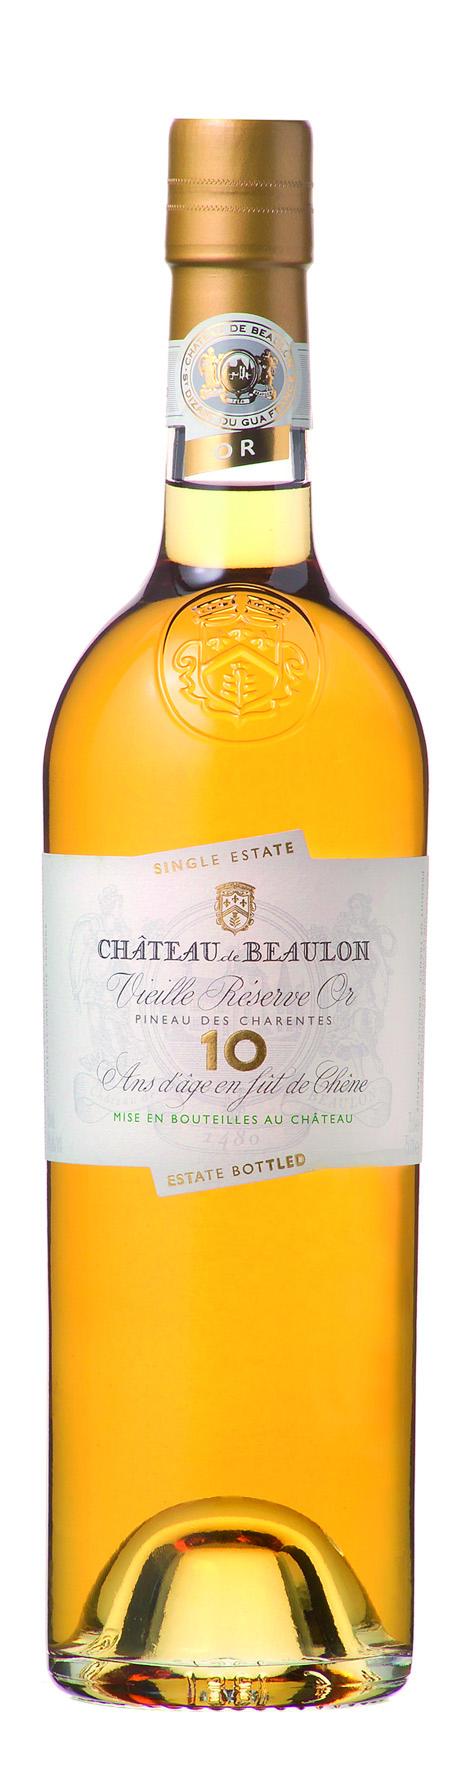 Château de Beaulon Pineau des Charentes, Blanc 10 Ans